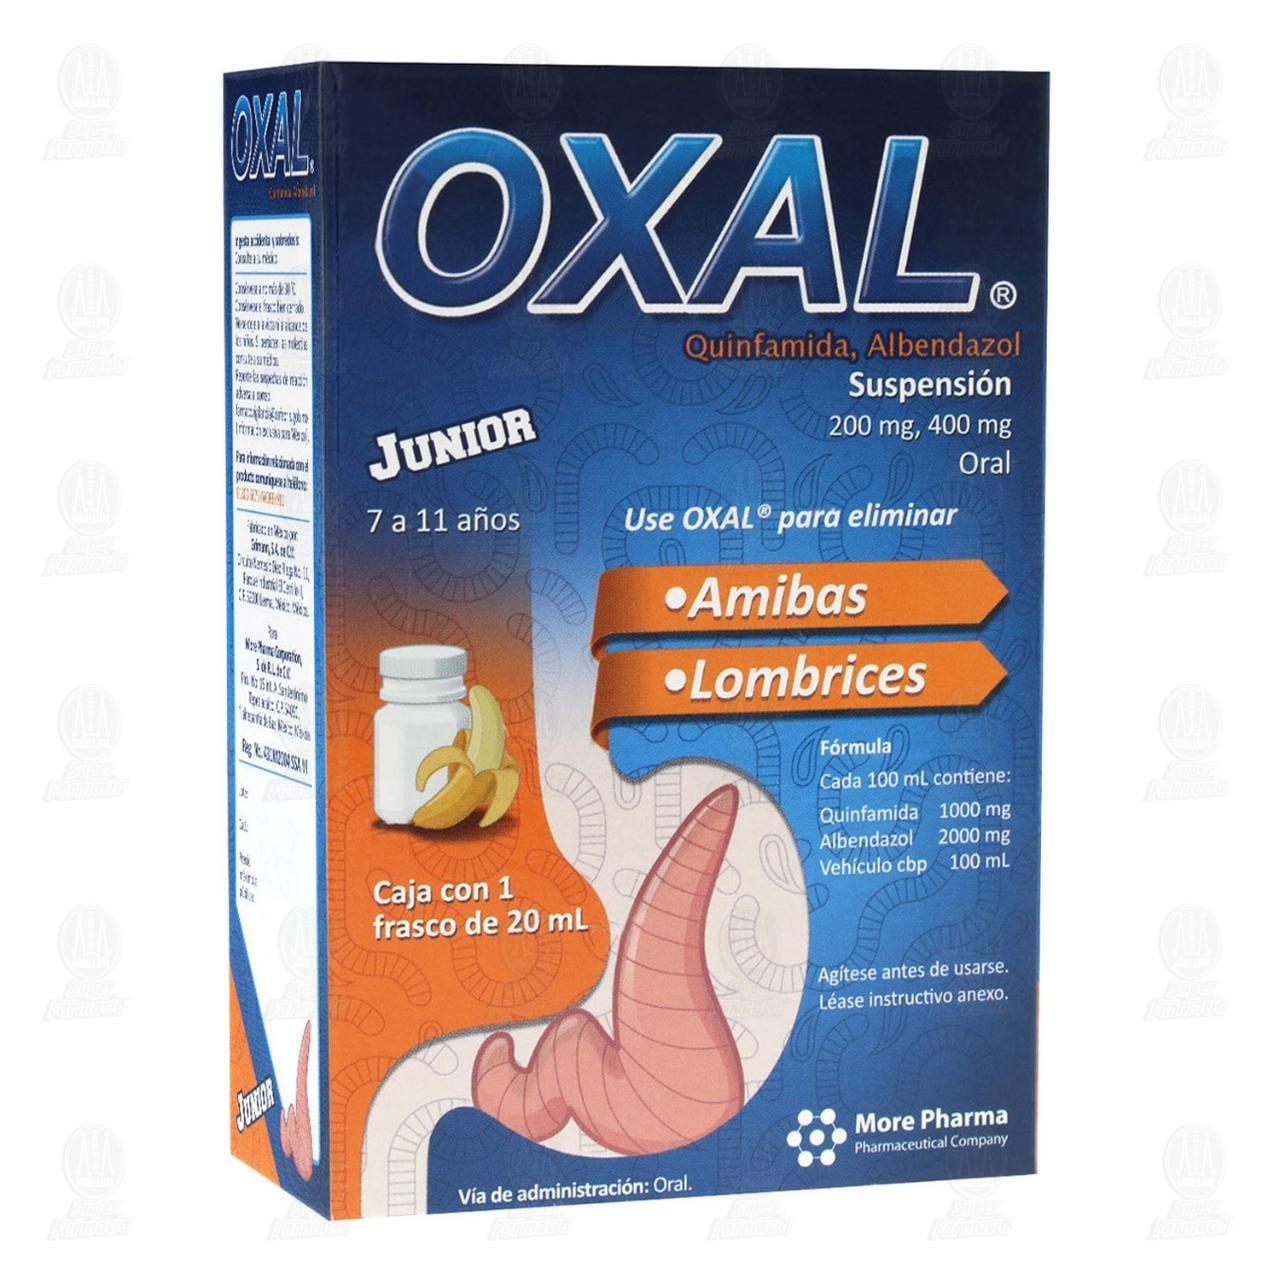 comprar https://www.movil.farmaciasguadalajara.com/wcsstore/FGCAS/wcs/products/1000160_A_1280_AL.jpg en farmacias guadalajara